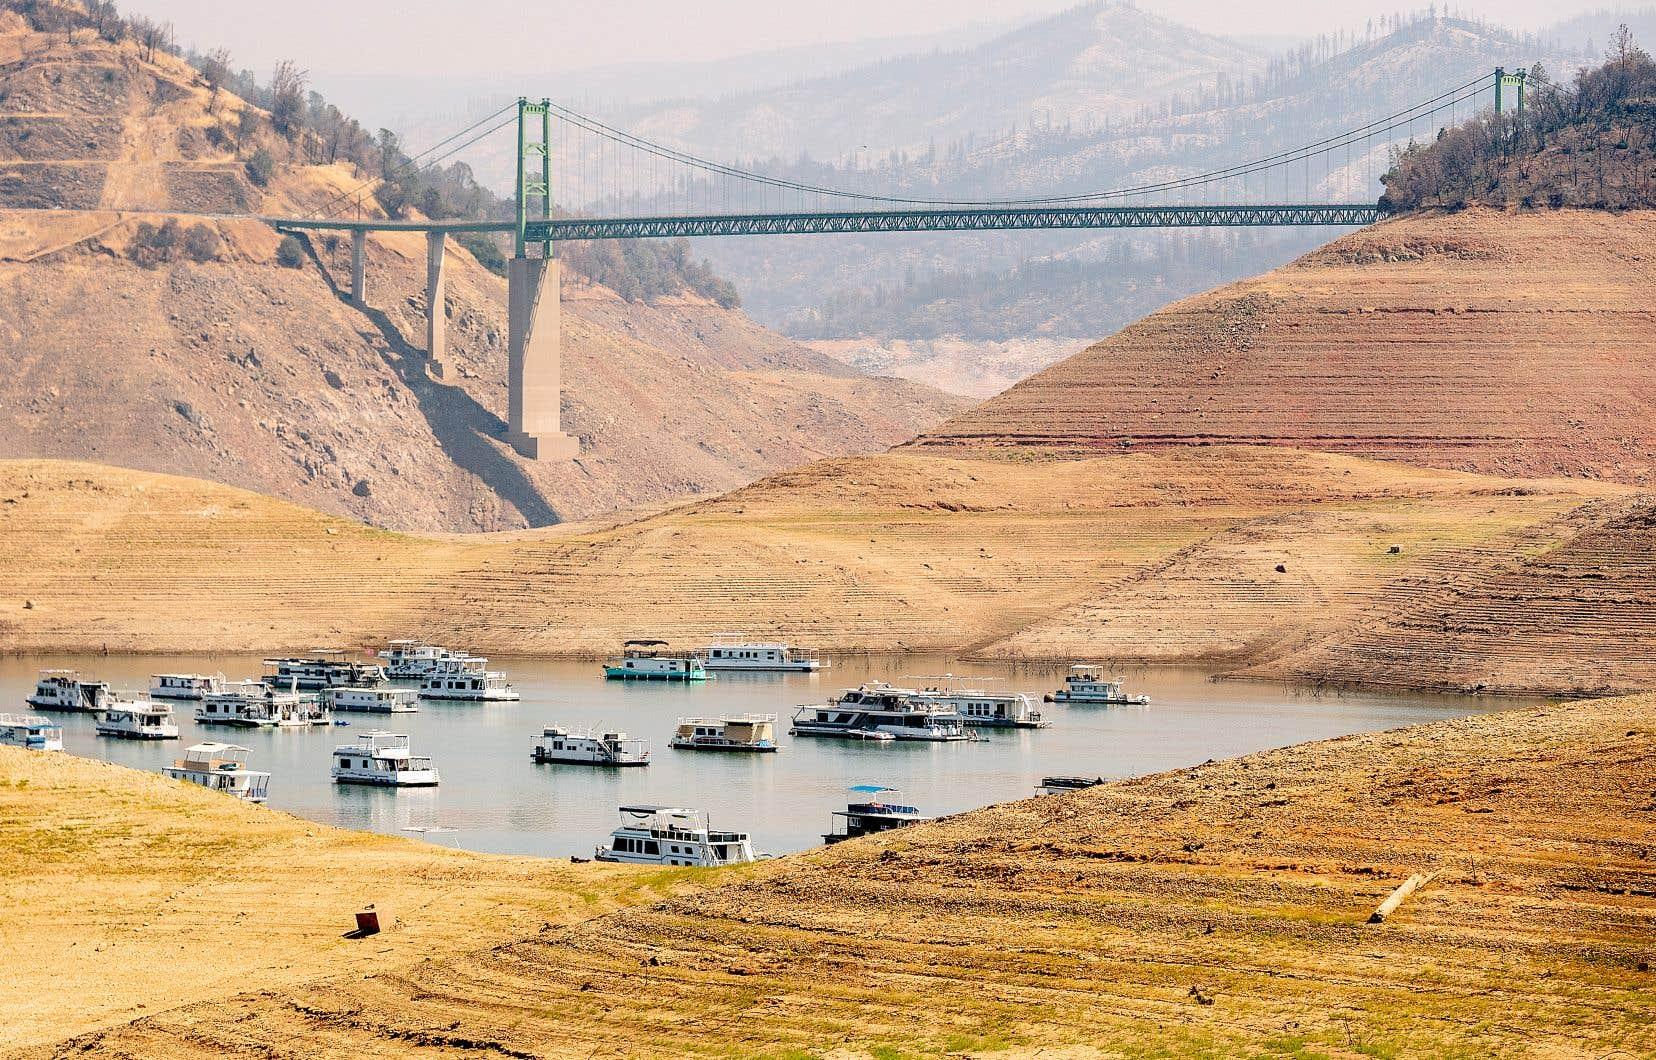 En Californie, le lac Oroville était à 23% de sa capacité dimanche. La valeur des contrats à terme sur l'eau a doublé à cause de la rareté qui découle des feux de forêt et des sécheresses qui ravagent la côte ouest américaine.